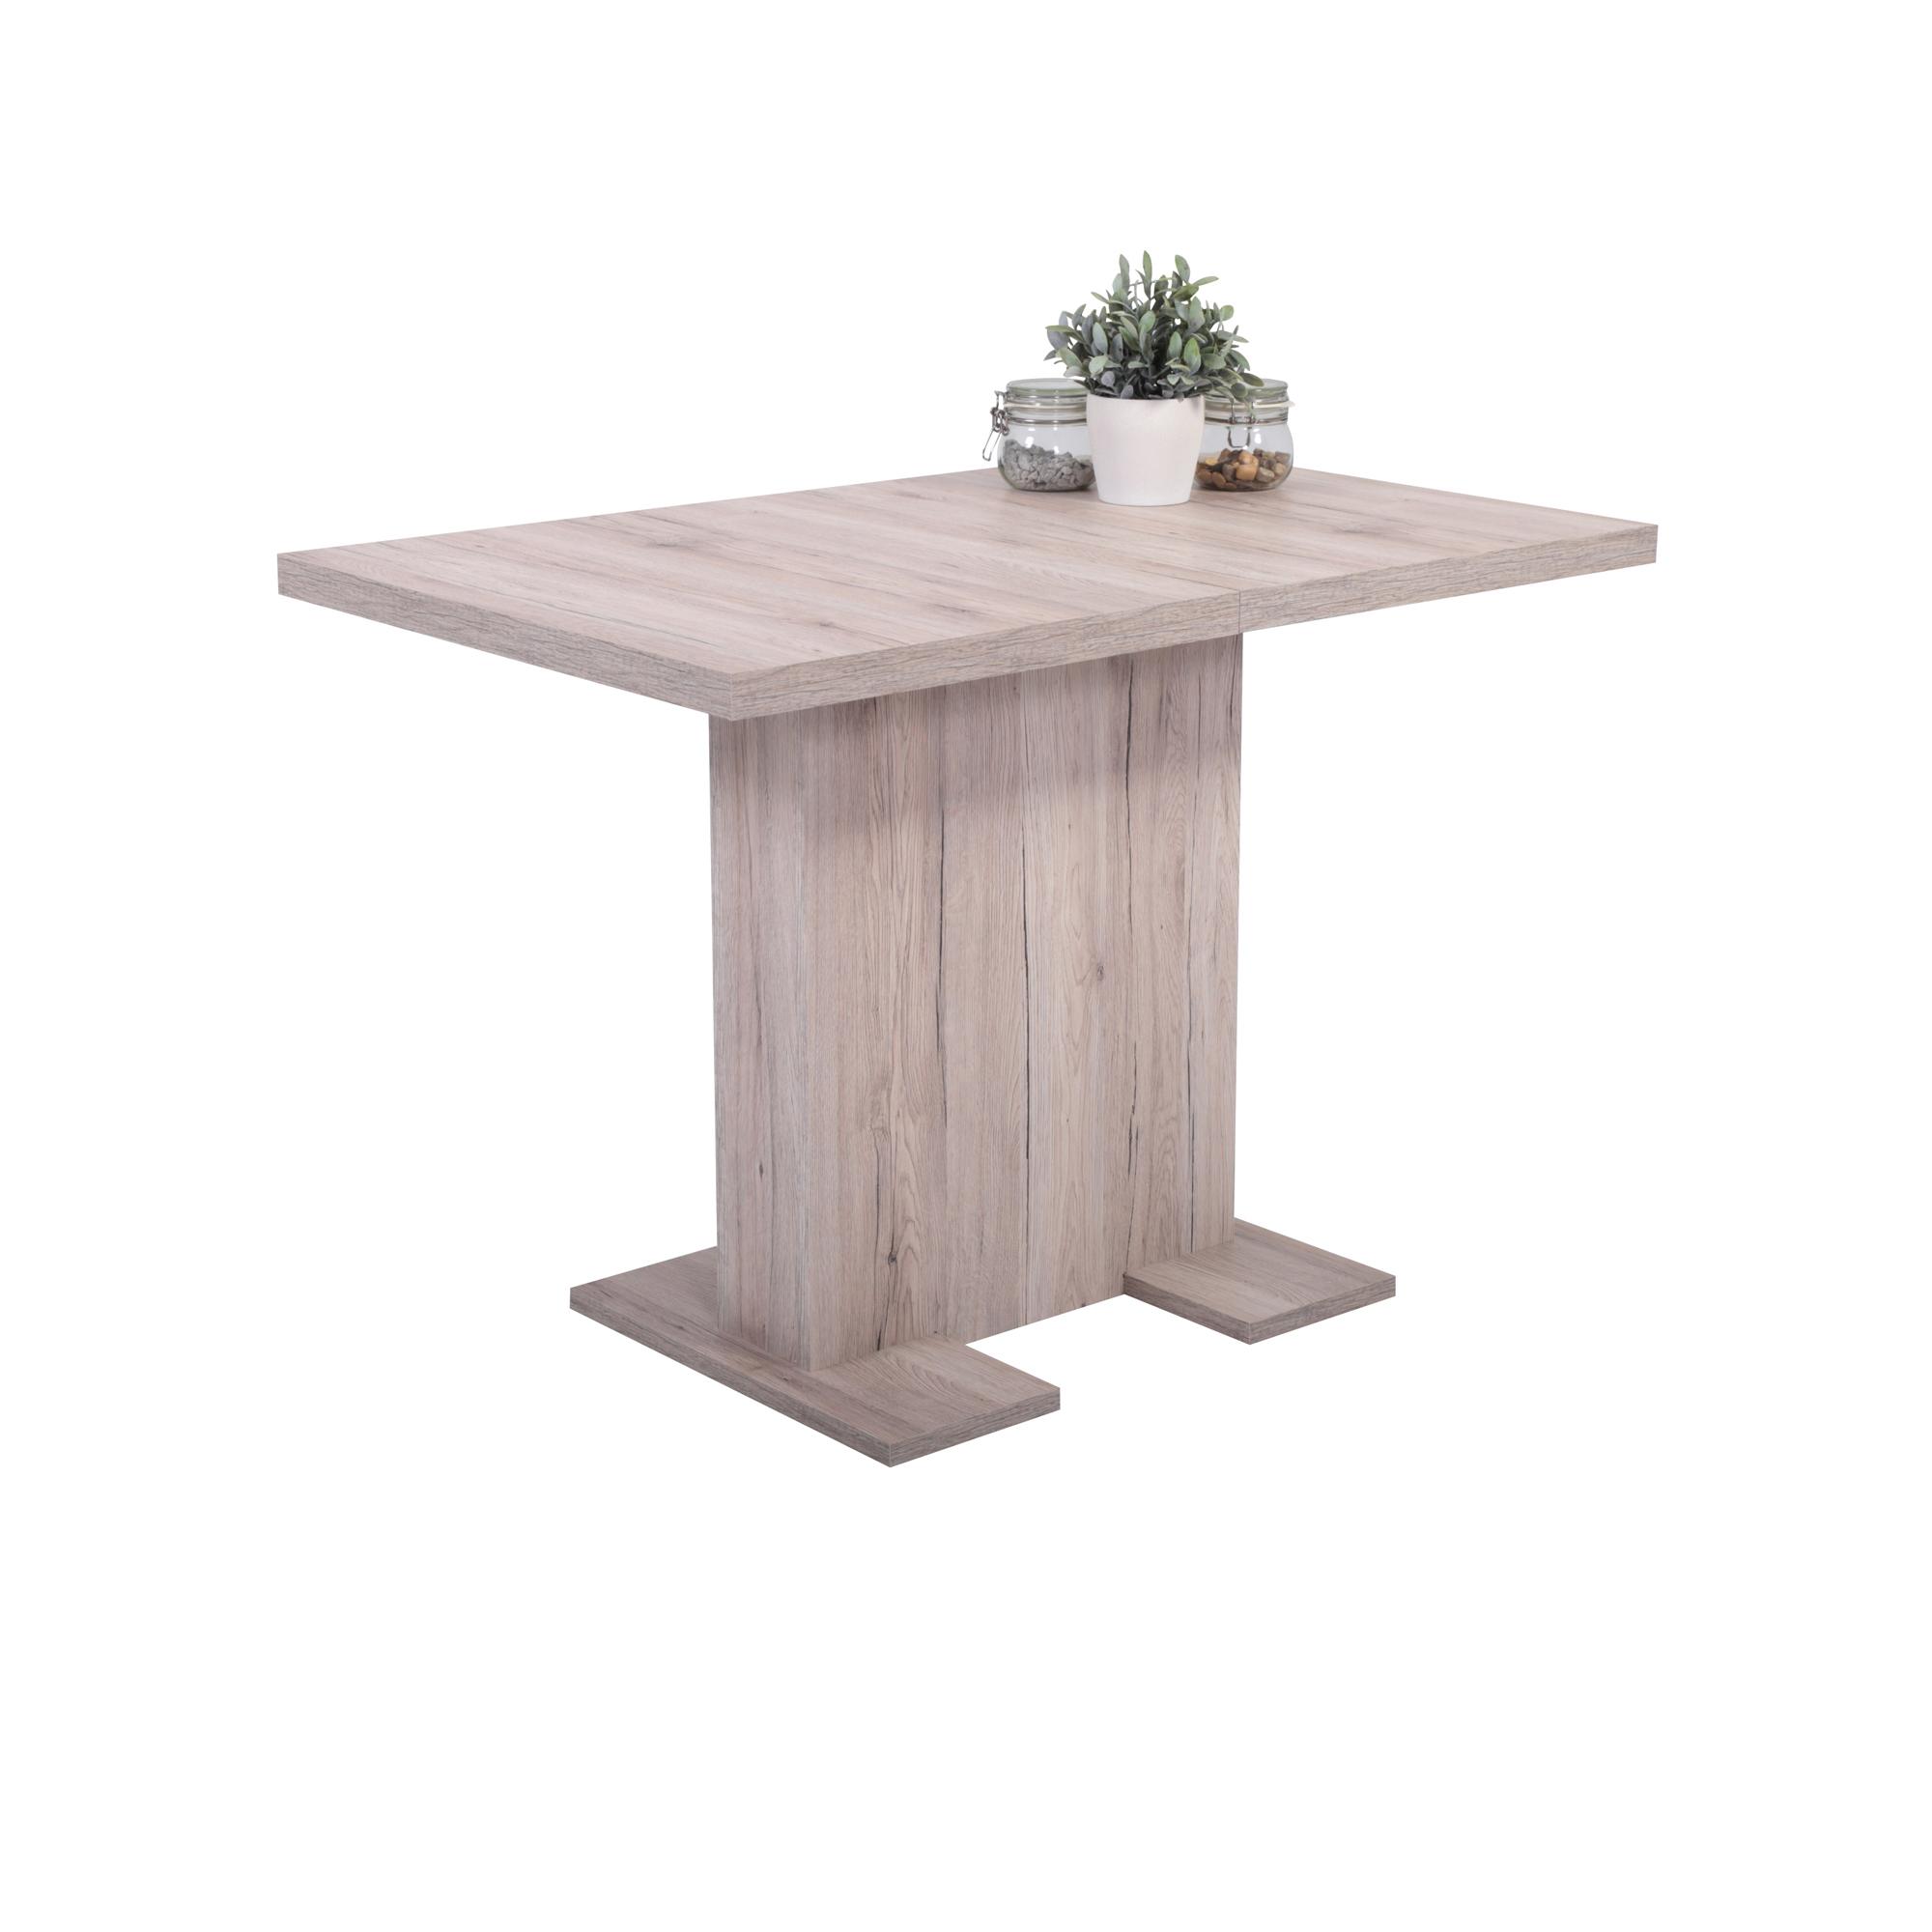 esstisch britt tischplatte ausziehbar 110 x 69 cm eiche sand wohnen esstische. Black Bedroom Furniture Sets. Home Design Ideas